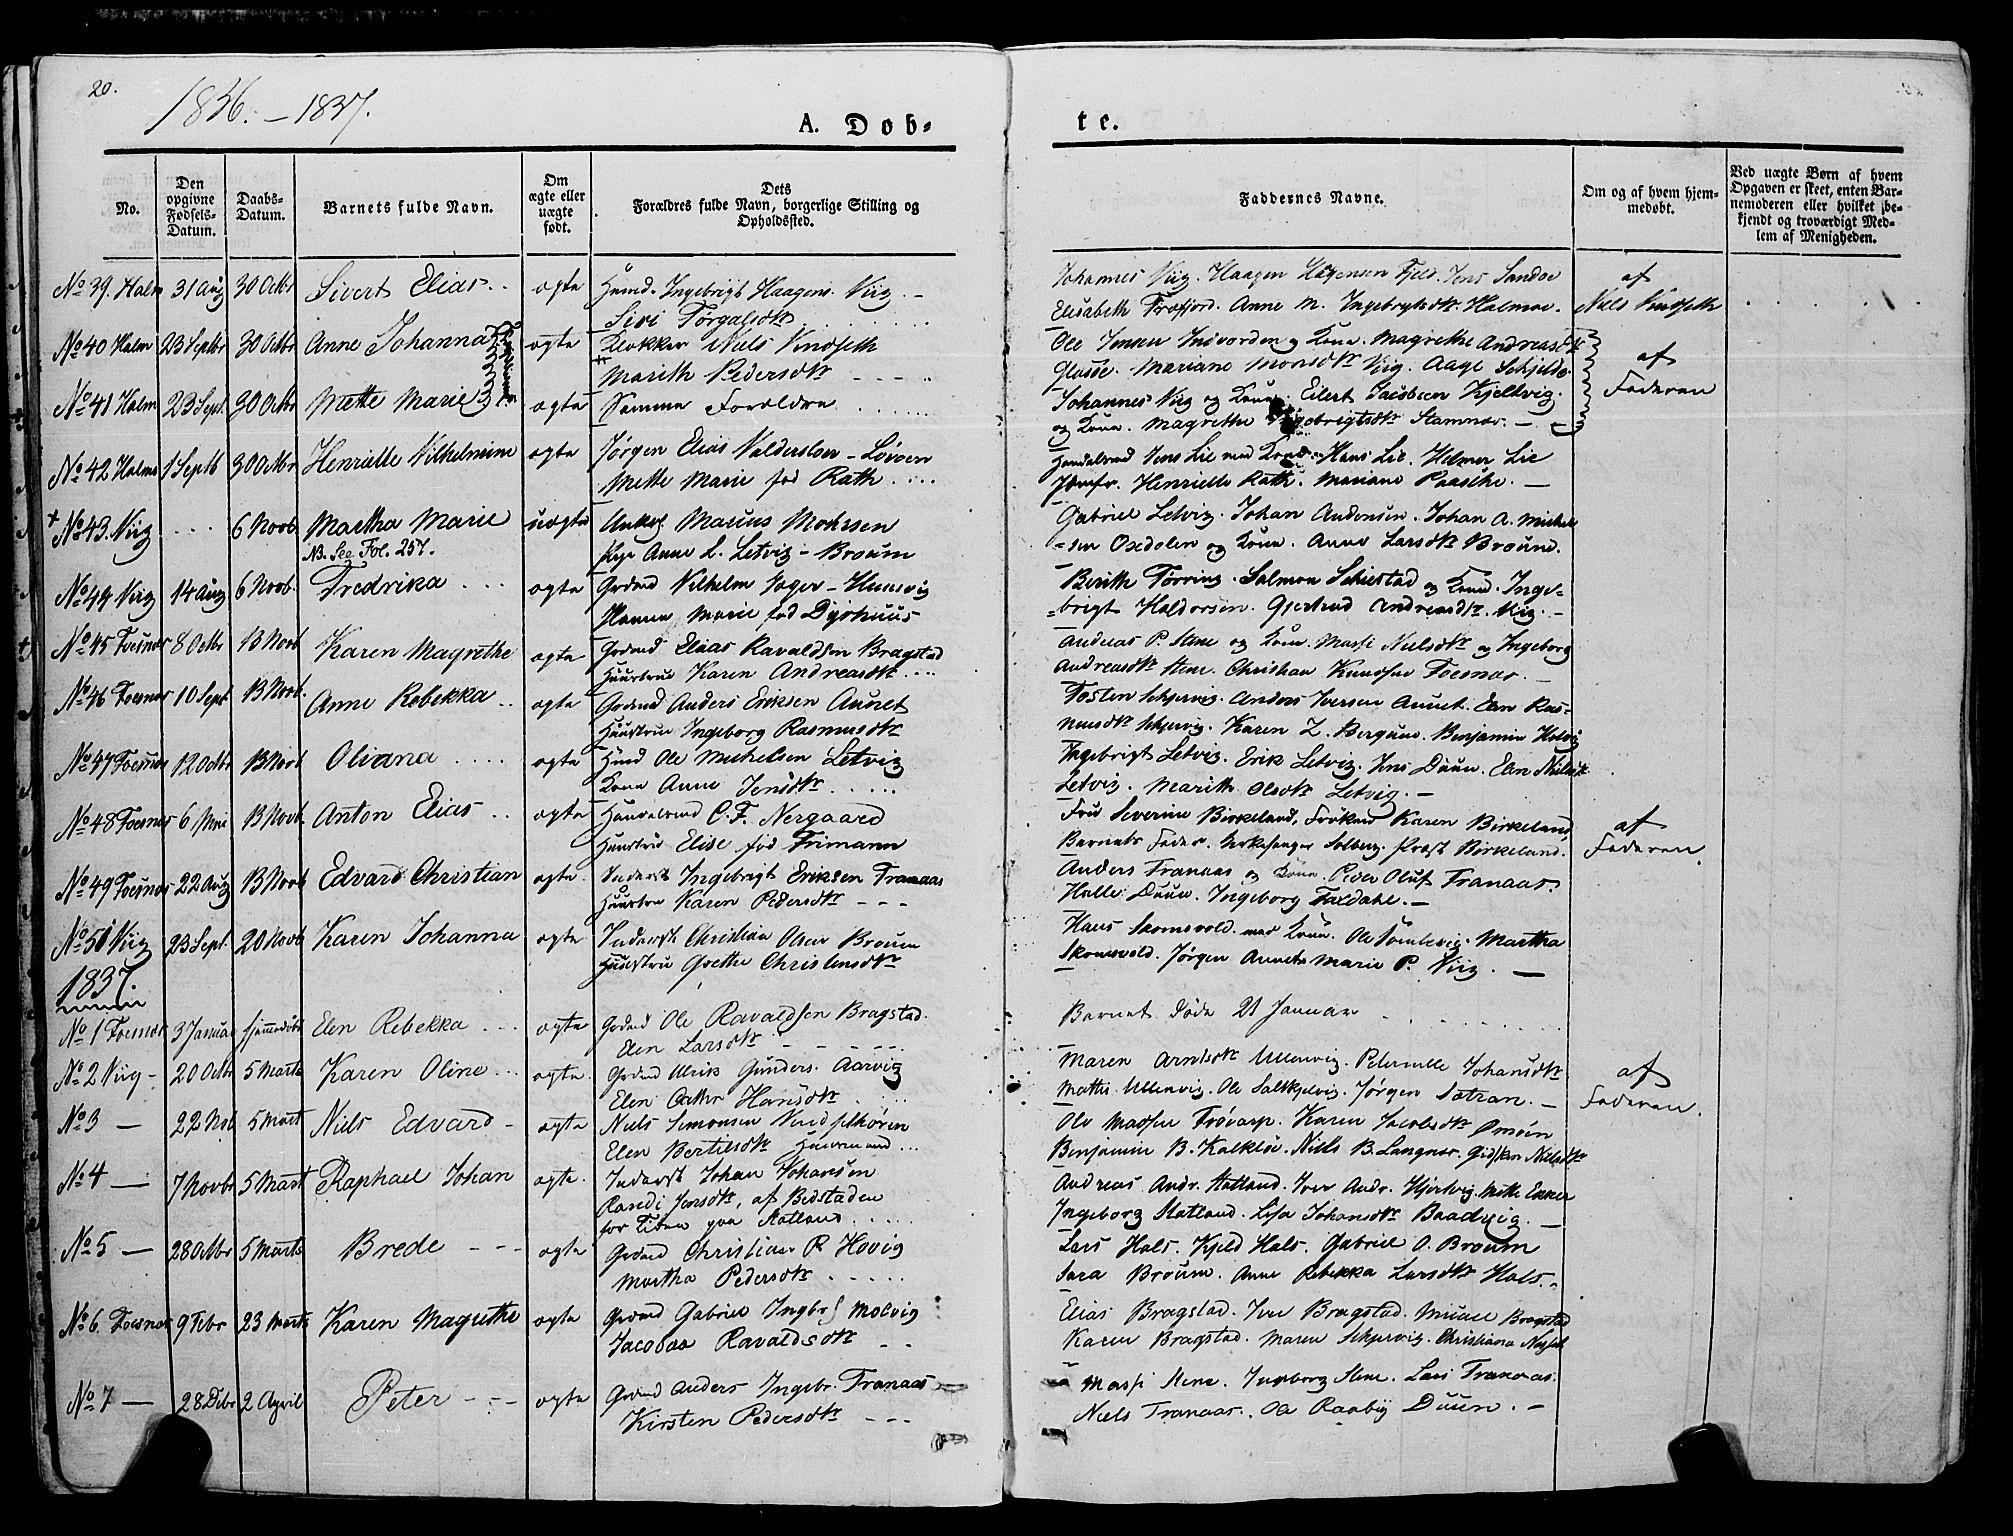 SAT, Ministerialprotokoller, klokkerbøker og fødselsregistre - Nord-Trøndelag, 773/L0614: Ministerialbok nr. 773A05, 1831-1856, s. 20